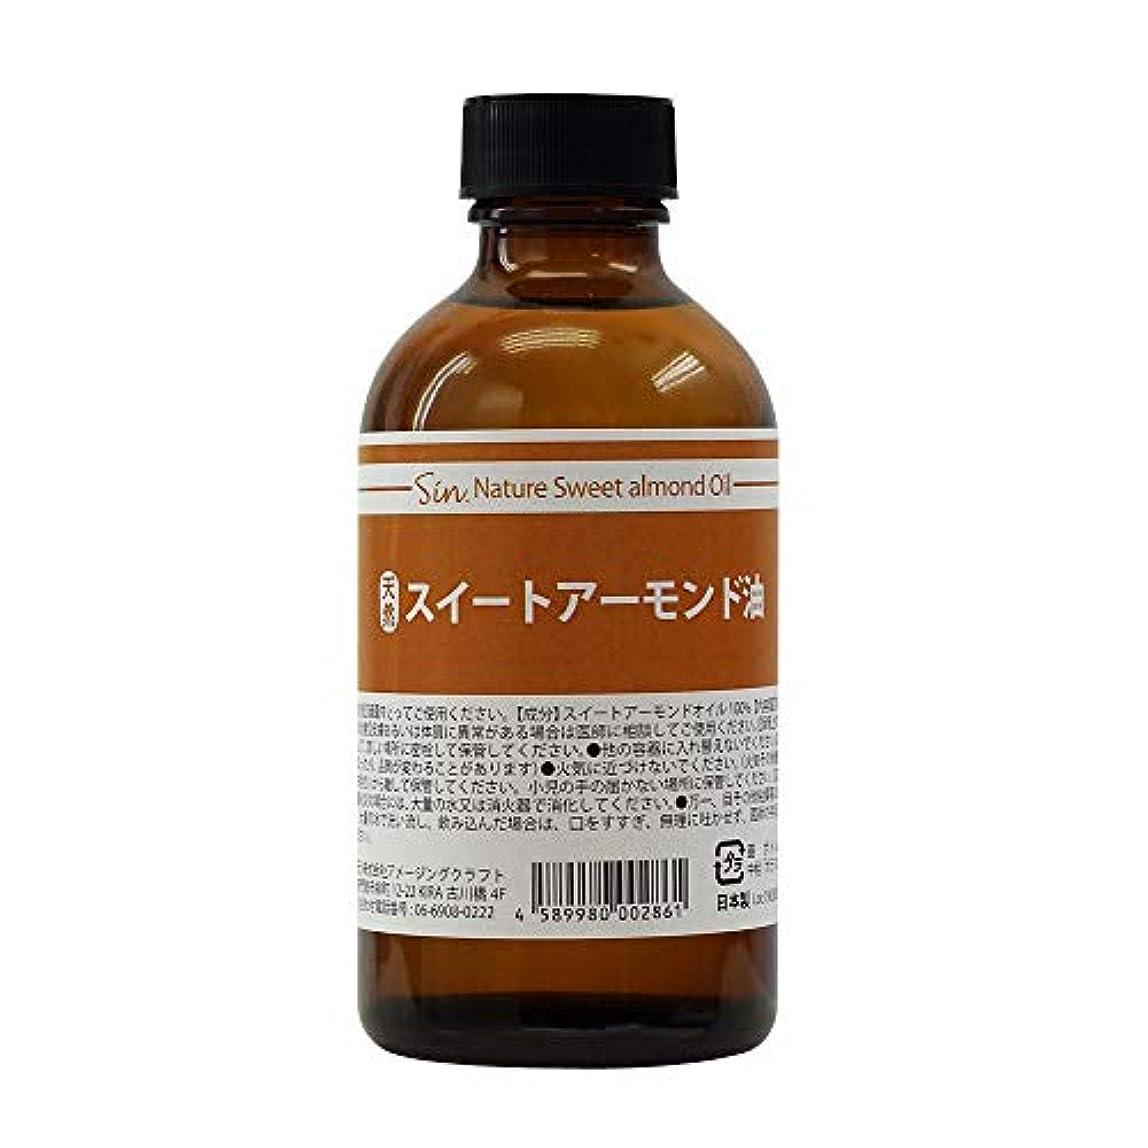 天然無添加 国内精製 スイートアーモンドオイル 200ml